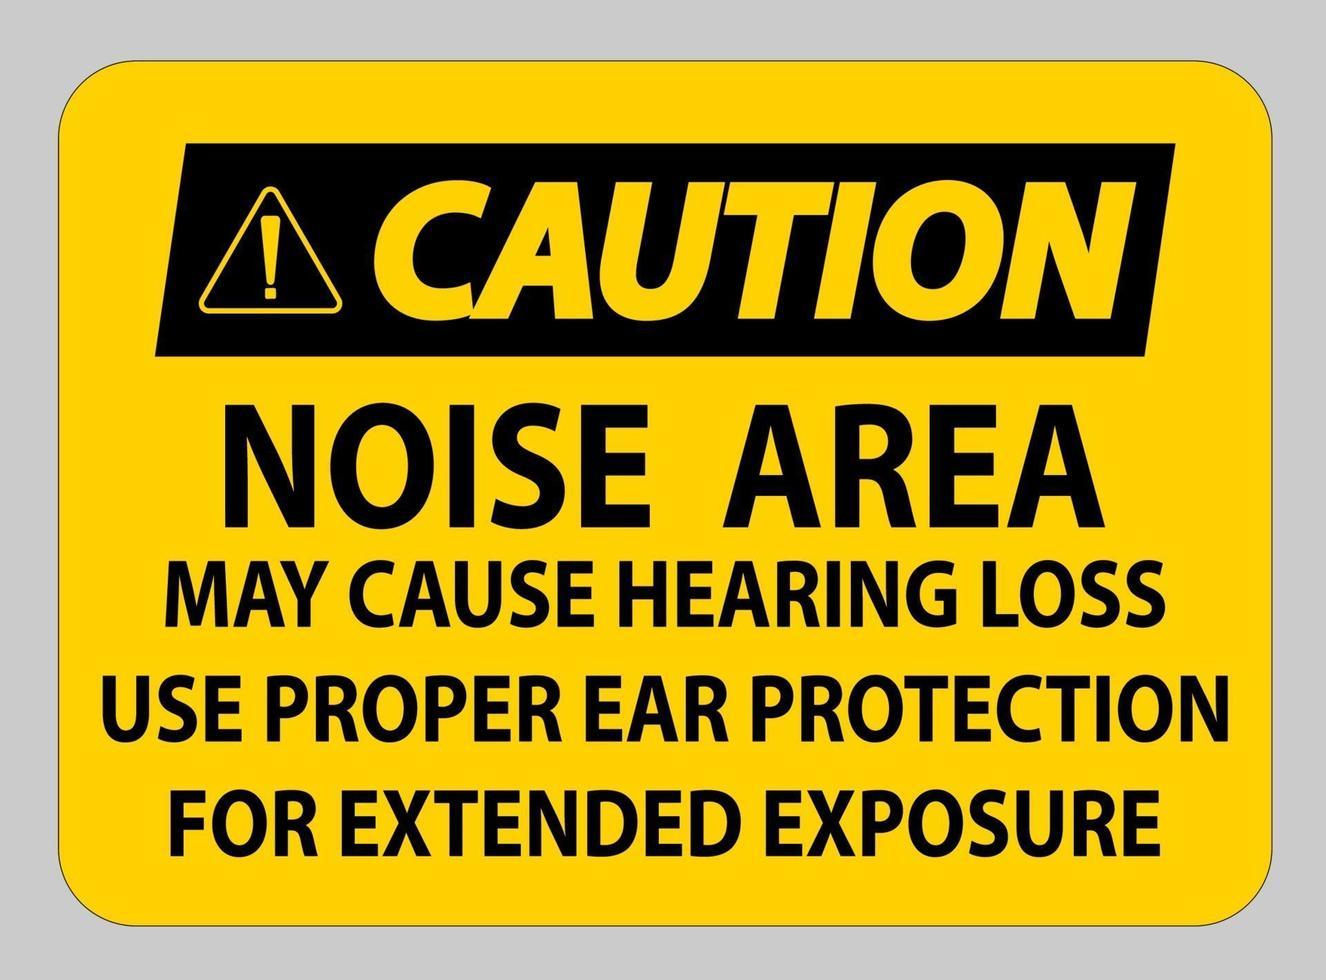 let op pbm teken, lawaai gebied kan gehoorbeschadiging veroorzaken, gebruik geschikte gehoorbescherming voor langdurige blootstelling vector